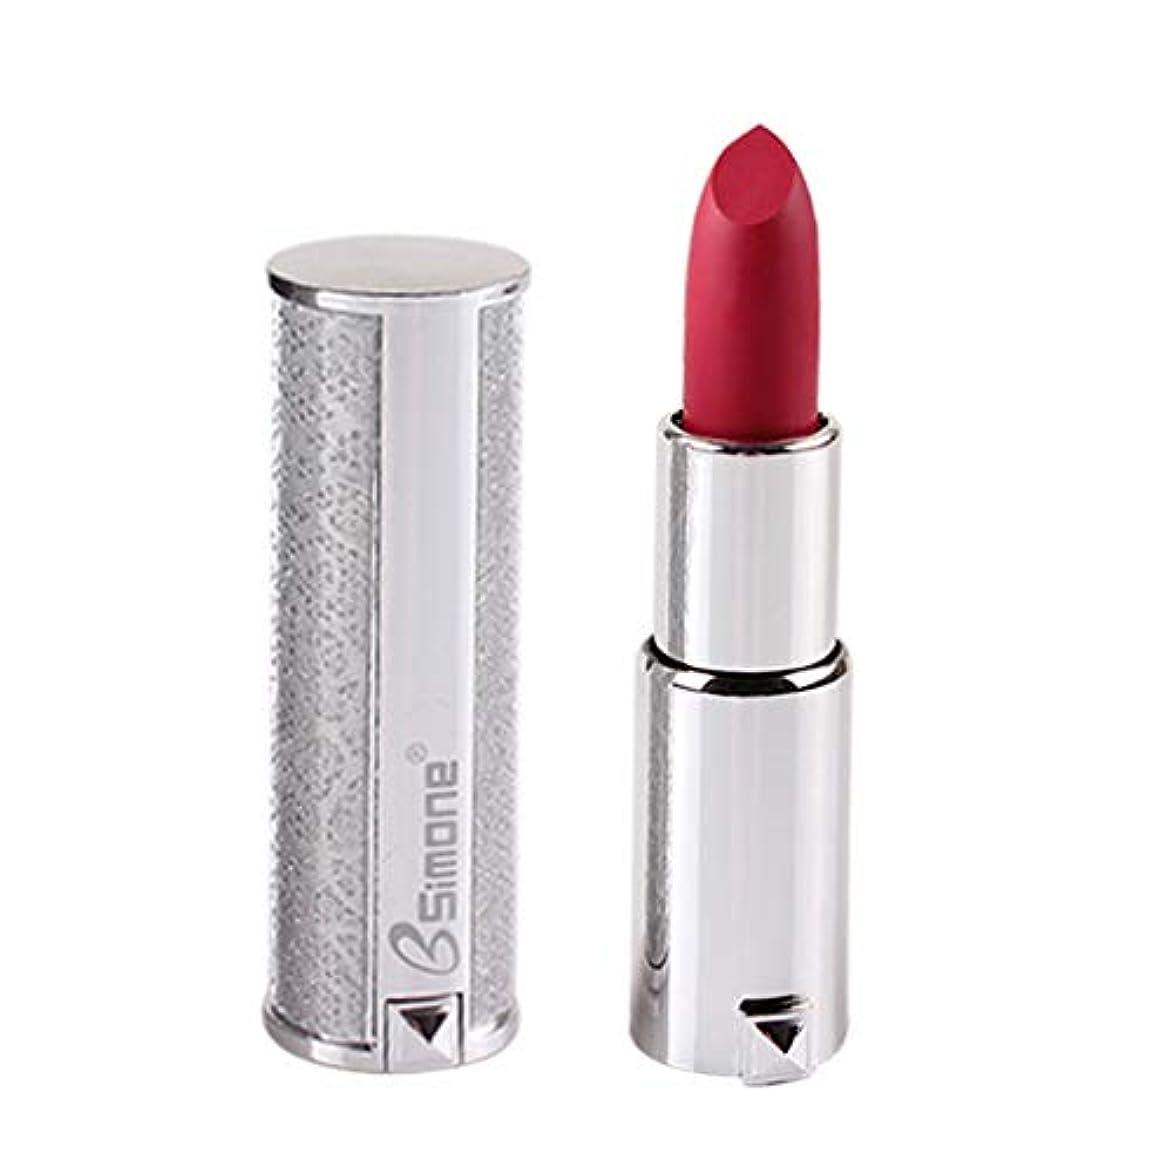 銀製の口紅の保湿剤のビロードの金属の口紅の化粧品の美の構造